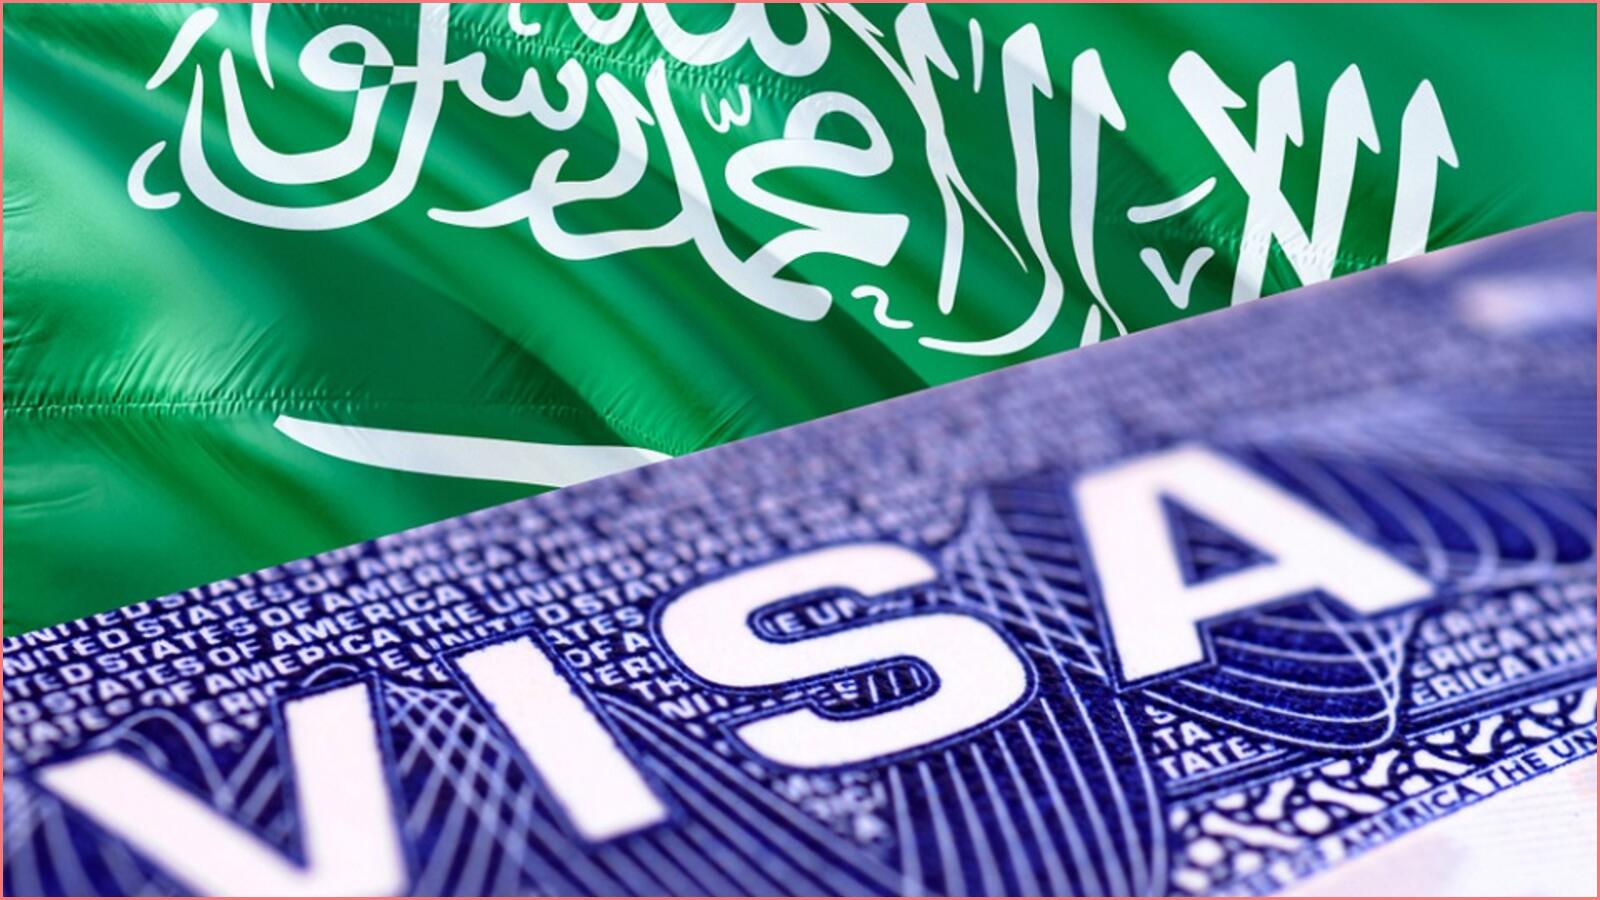 ما هي الأوراق والمستندات المطلوبة لاستخراج فيزا روسيا للسعوديين ؟